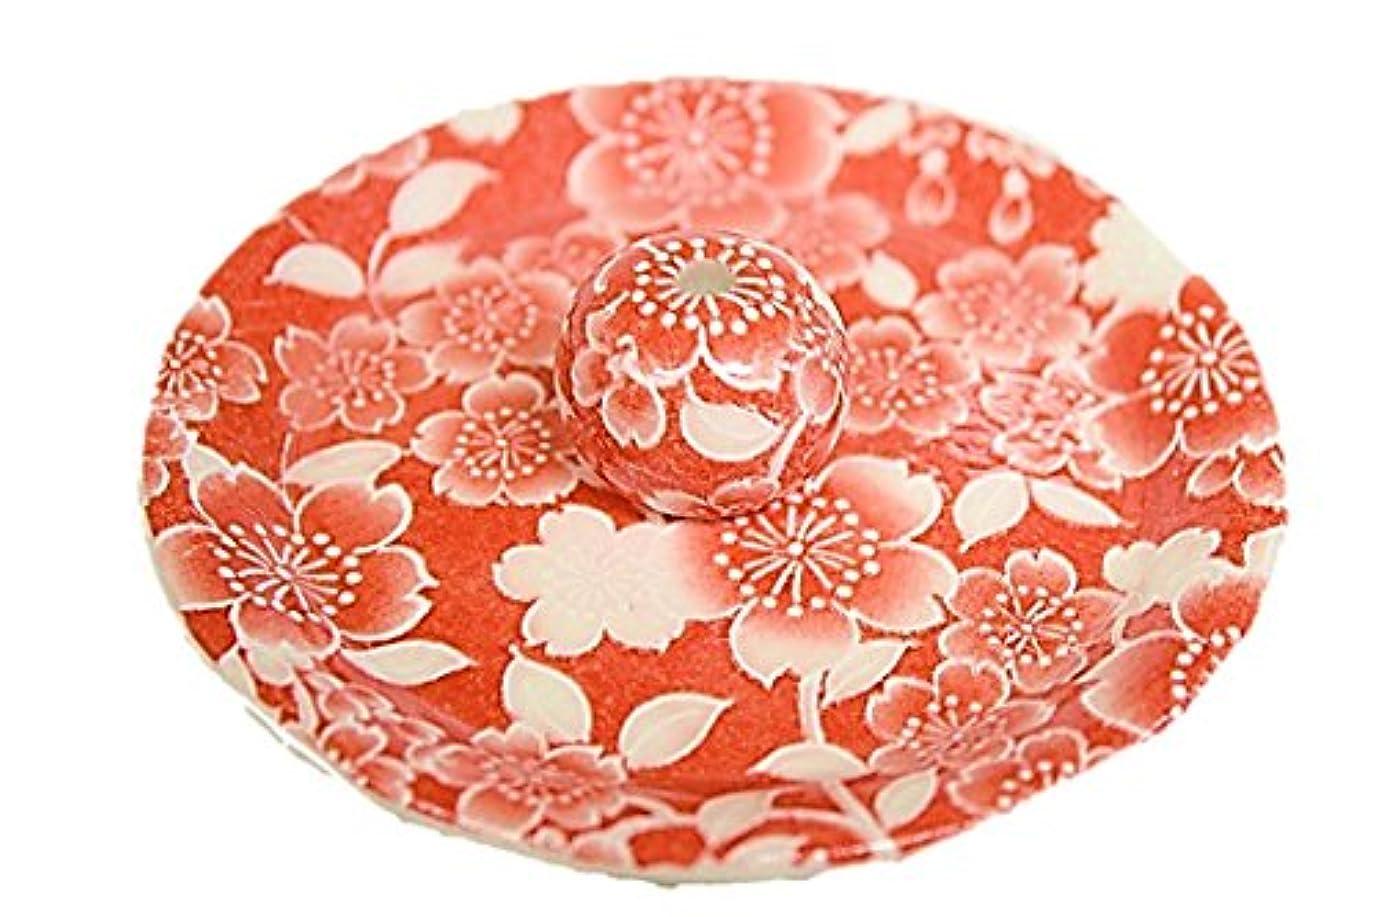 行き当たりばったり菊ファイター9-27 桜友禅 赤 9cm香皿 お香立て お香たて 陶器 日本製 製造 直売